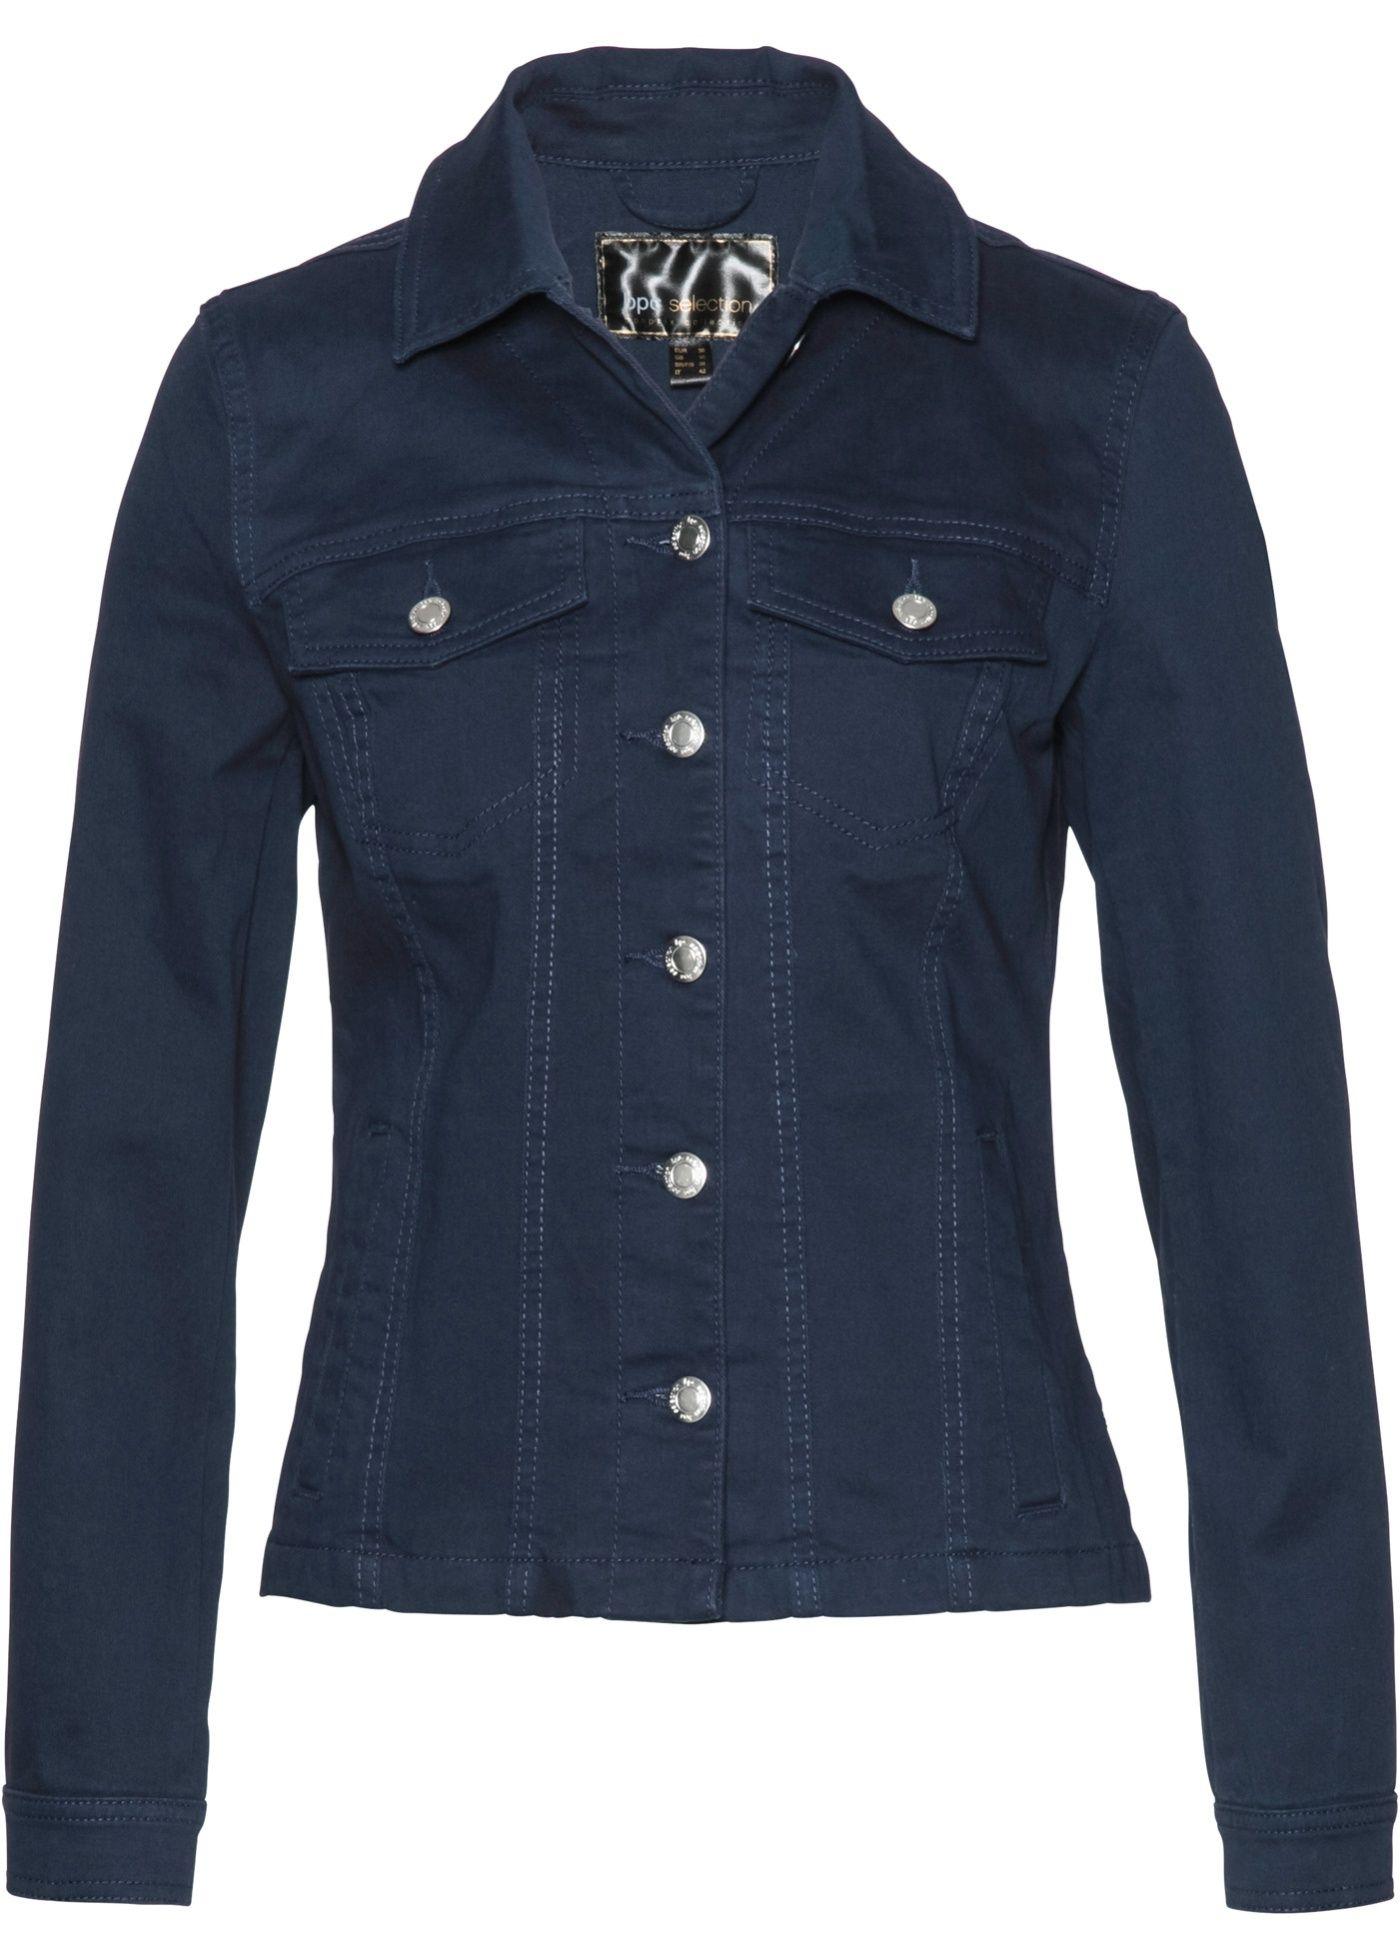 Jacke | Jacken, Outfit und Mantel